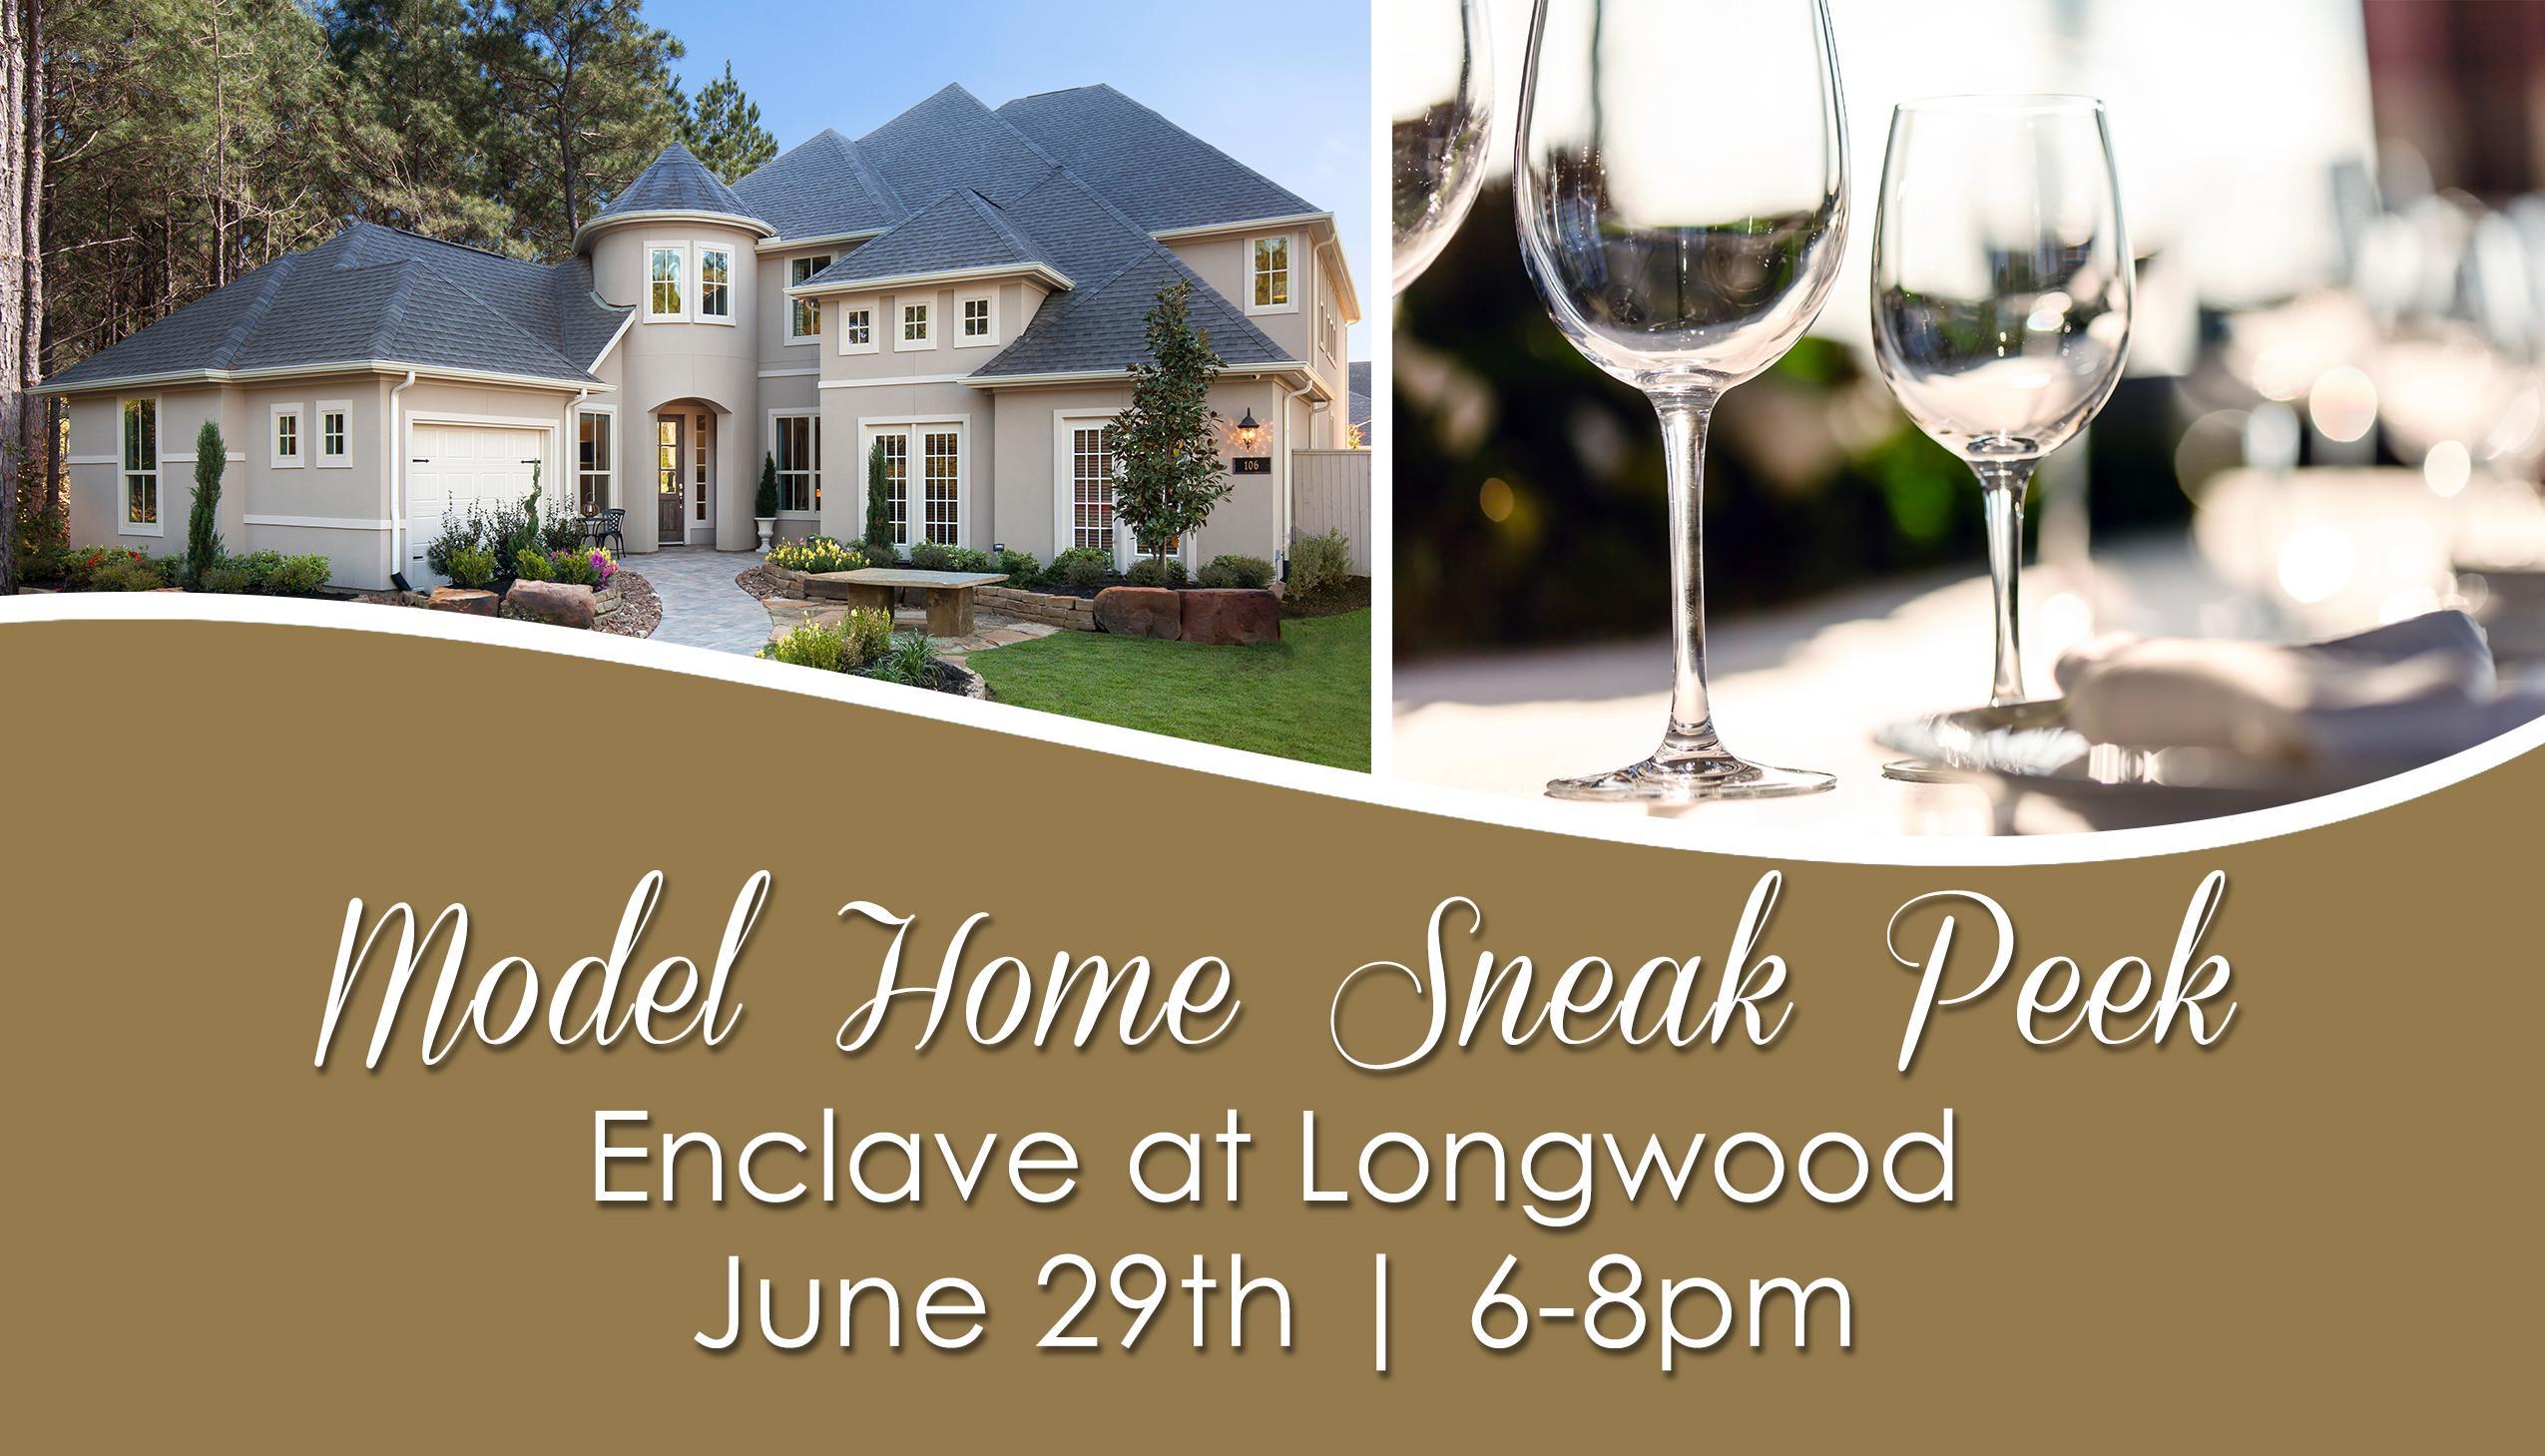 Model Home Sneak Peek in Brand New Community!